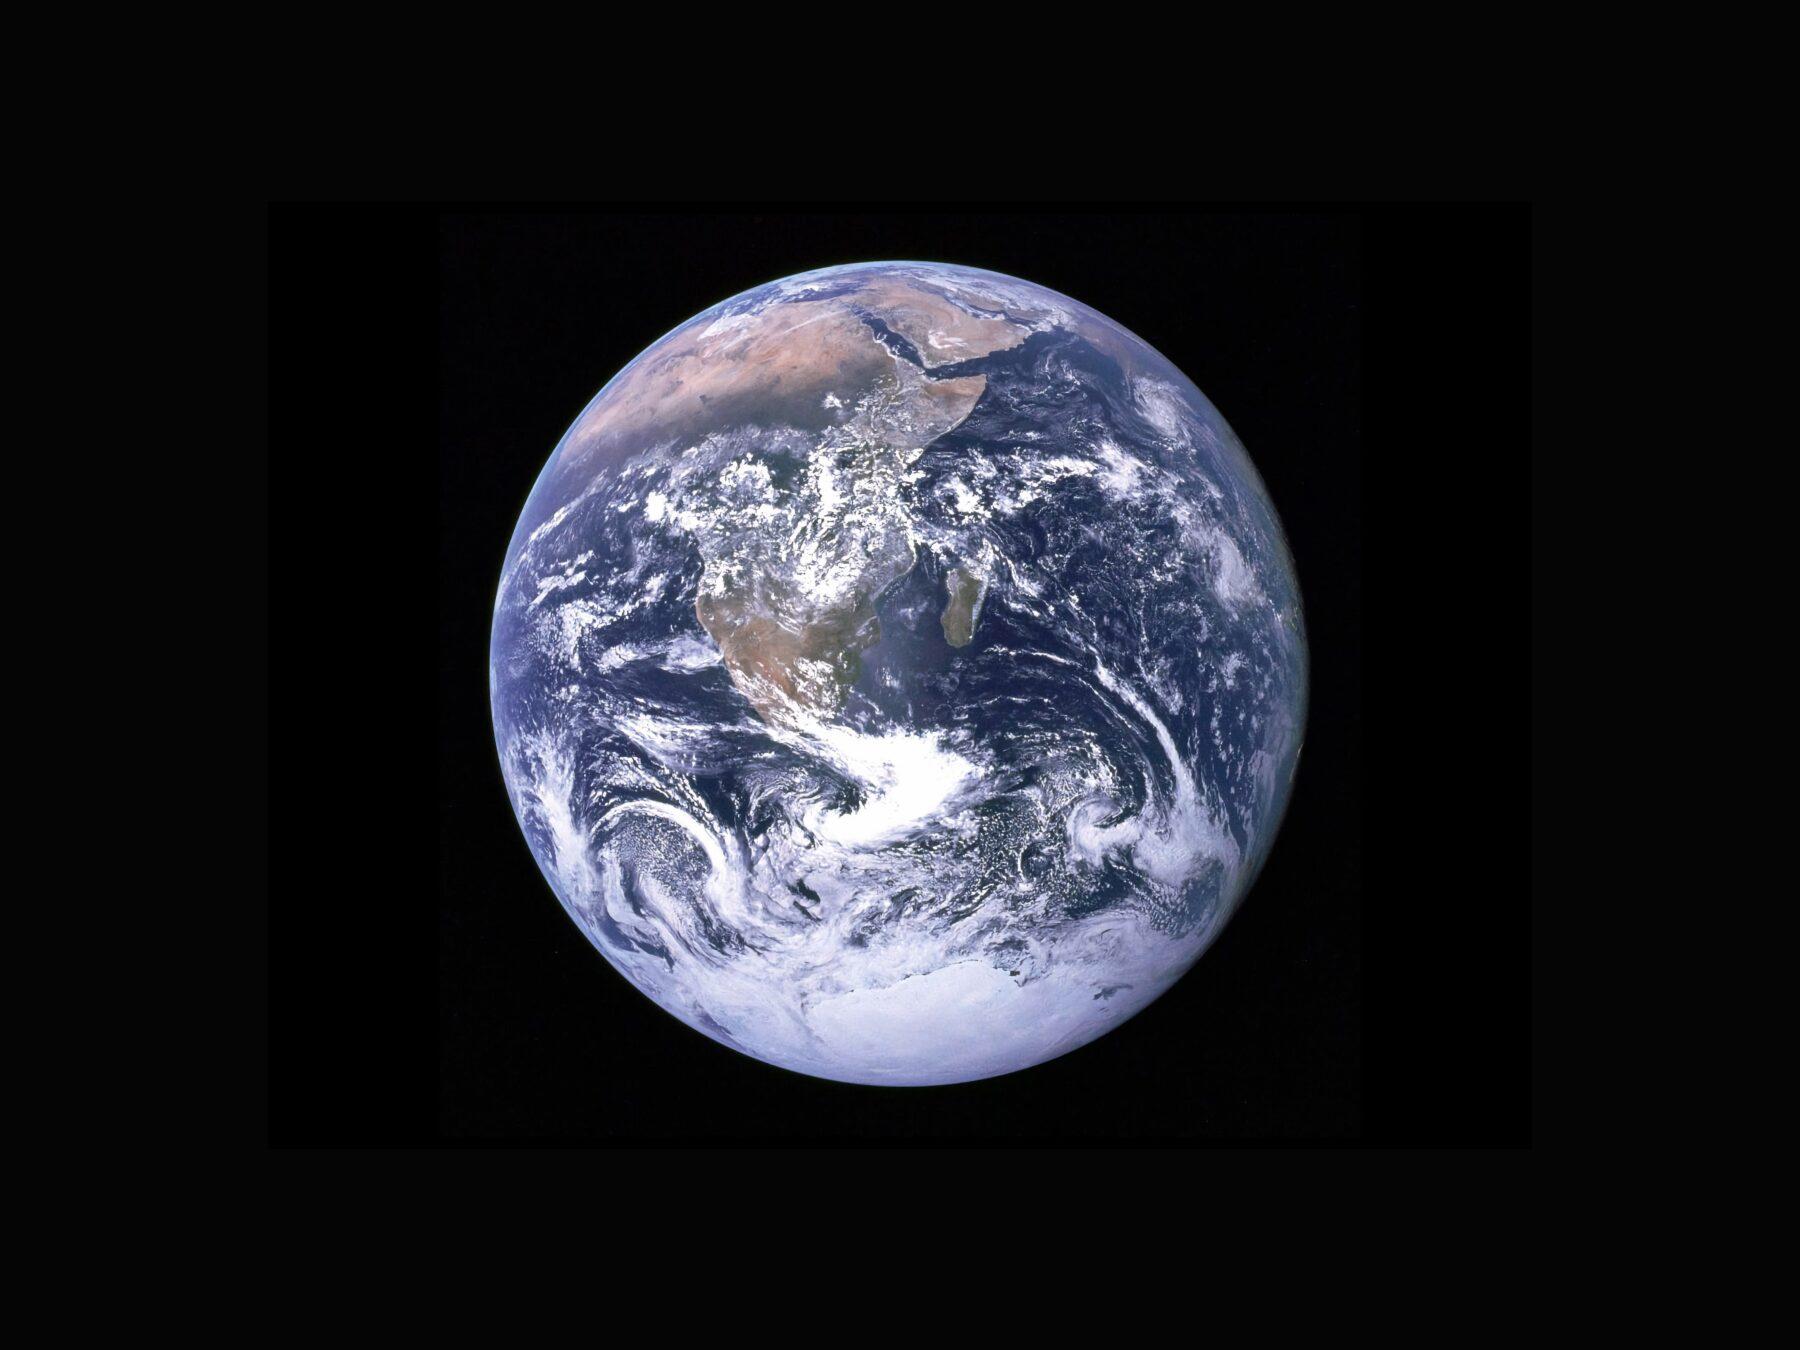 Planeet aarde, hoeveel landen heeft de wereld